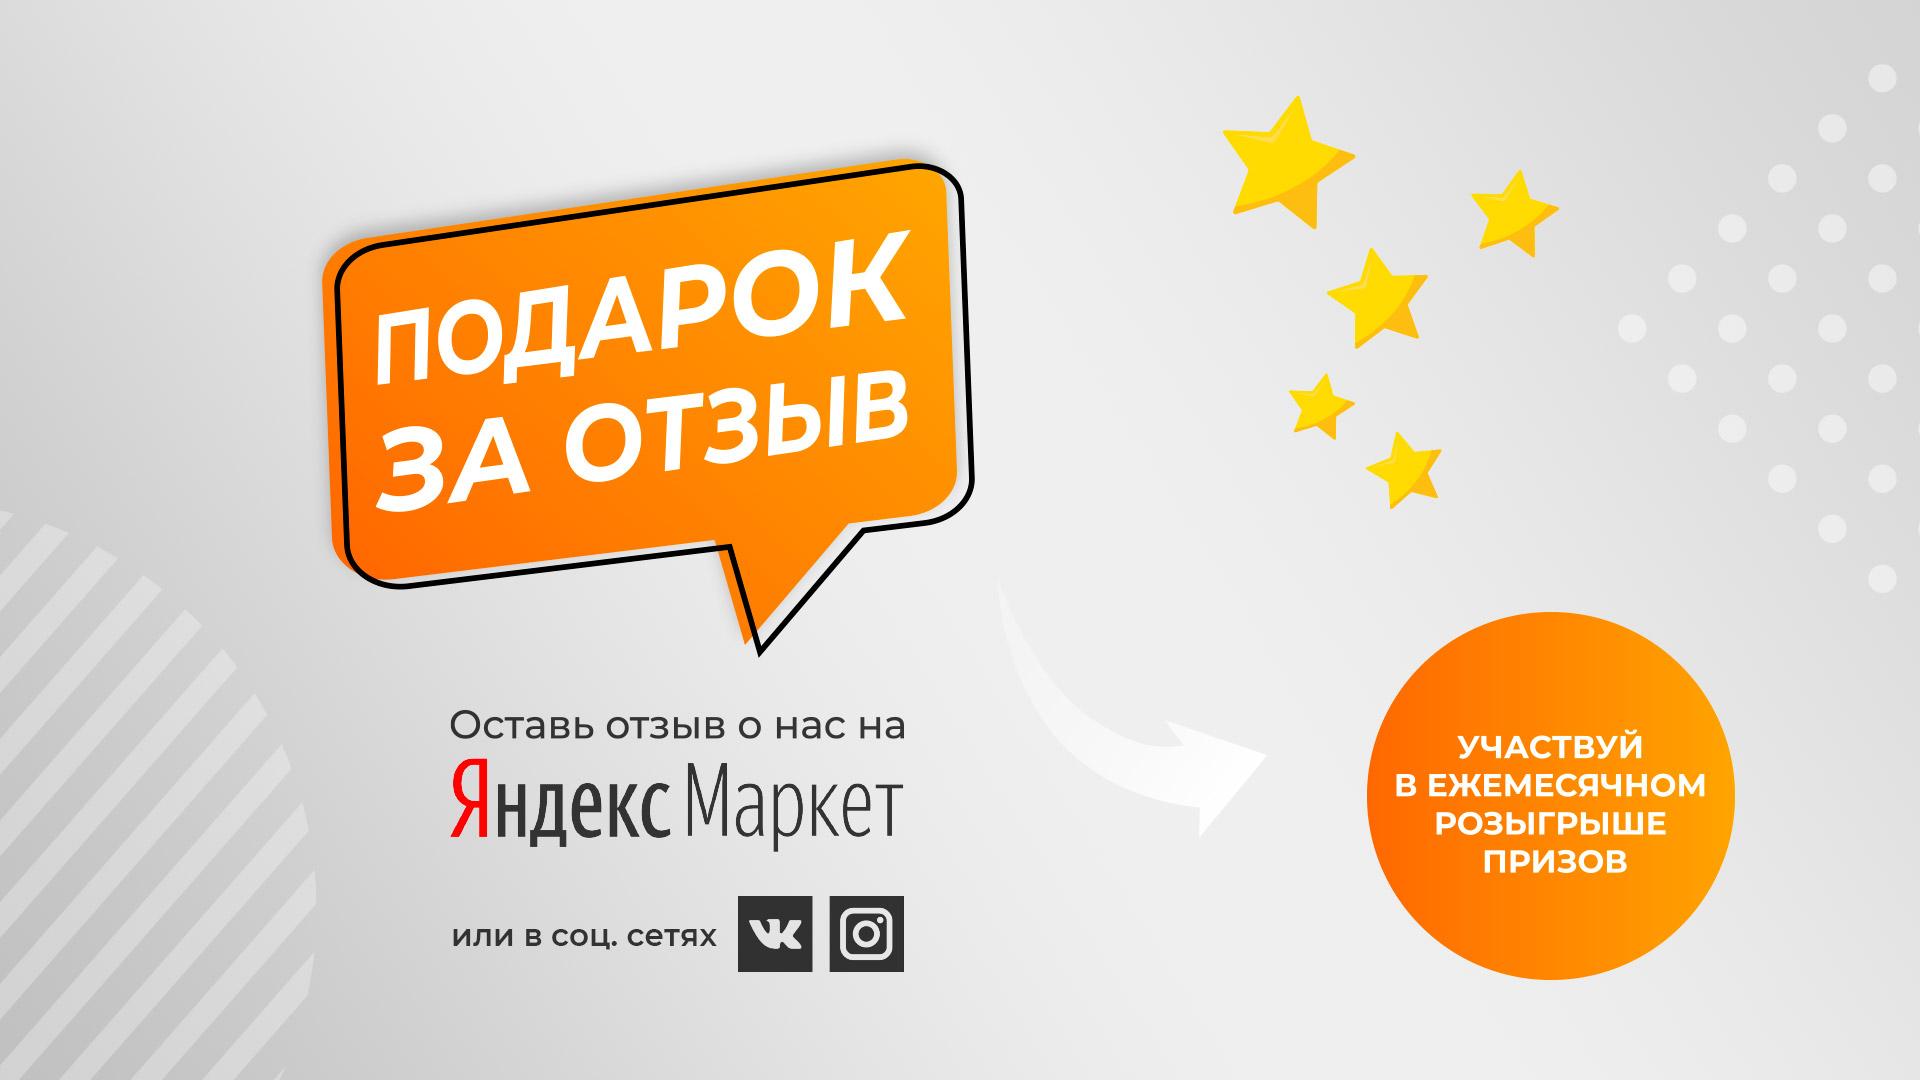 Otzyv Podarok Promo